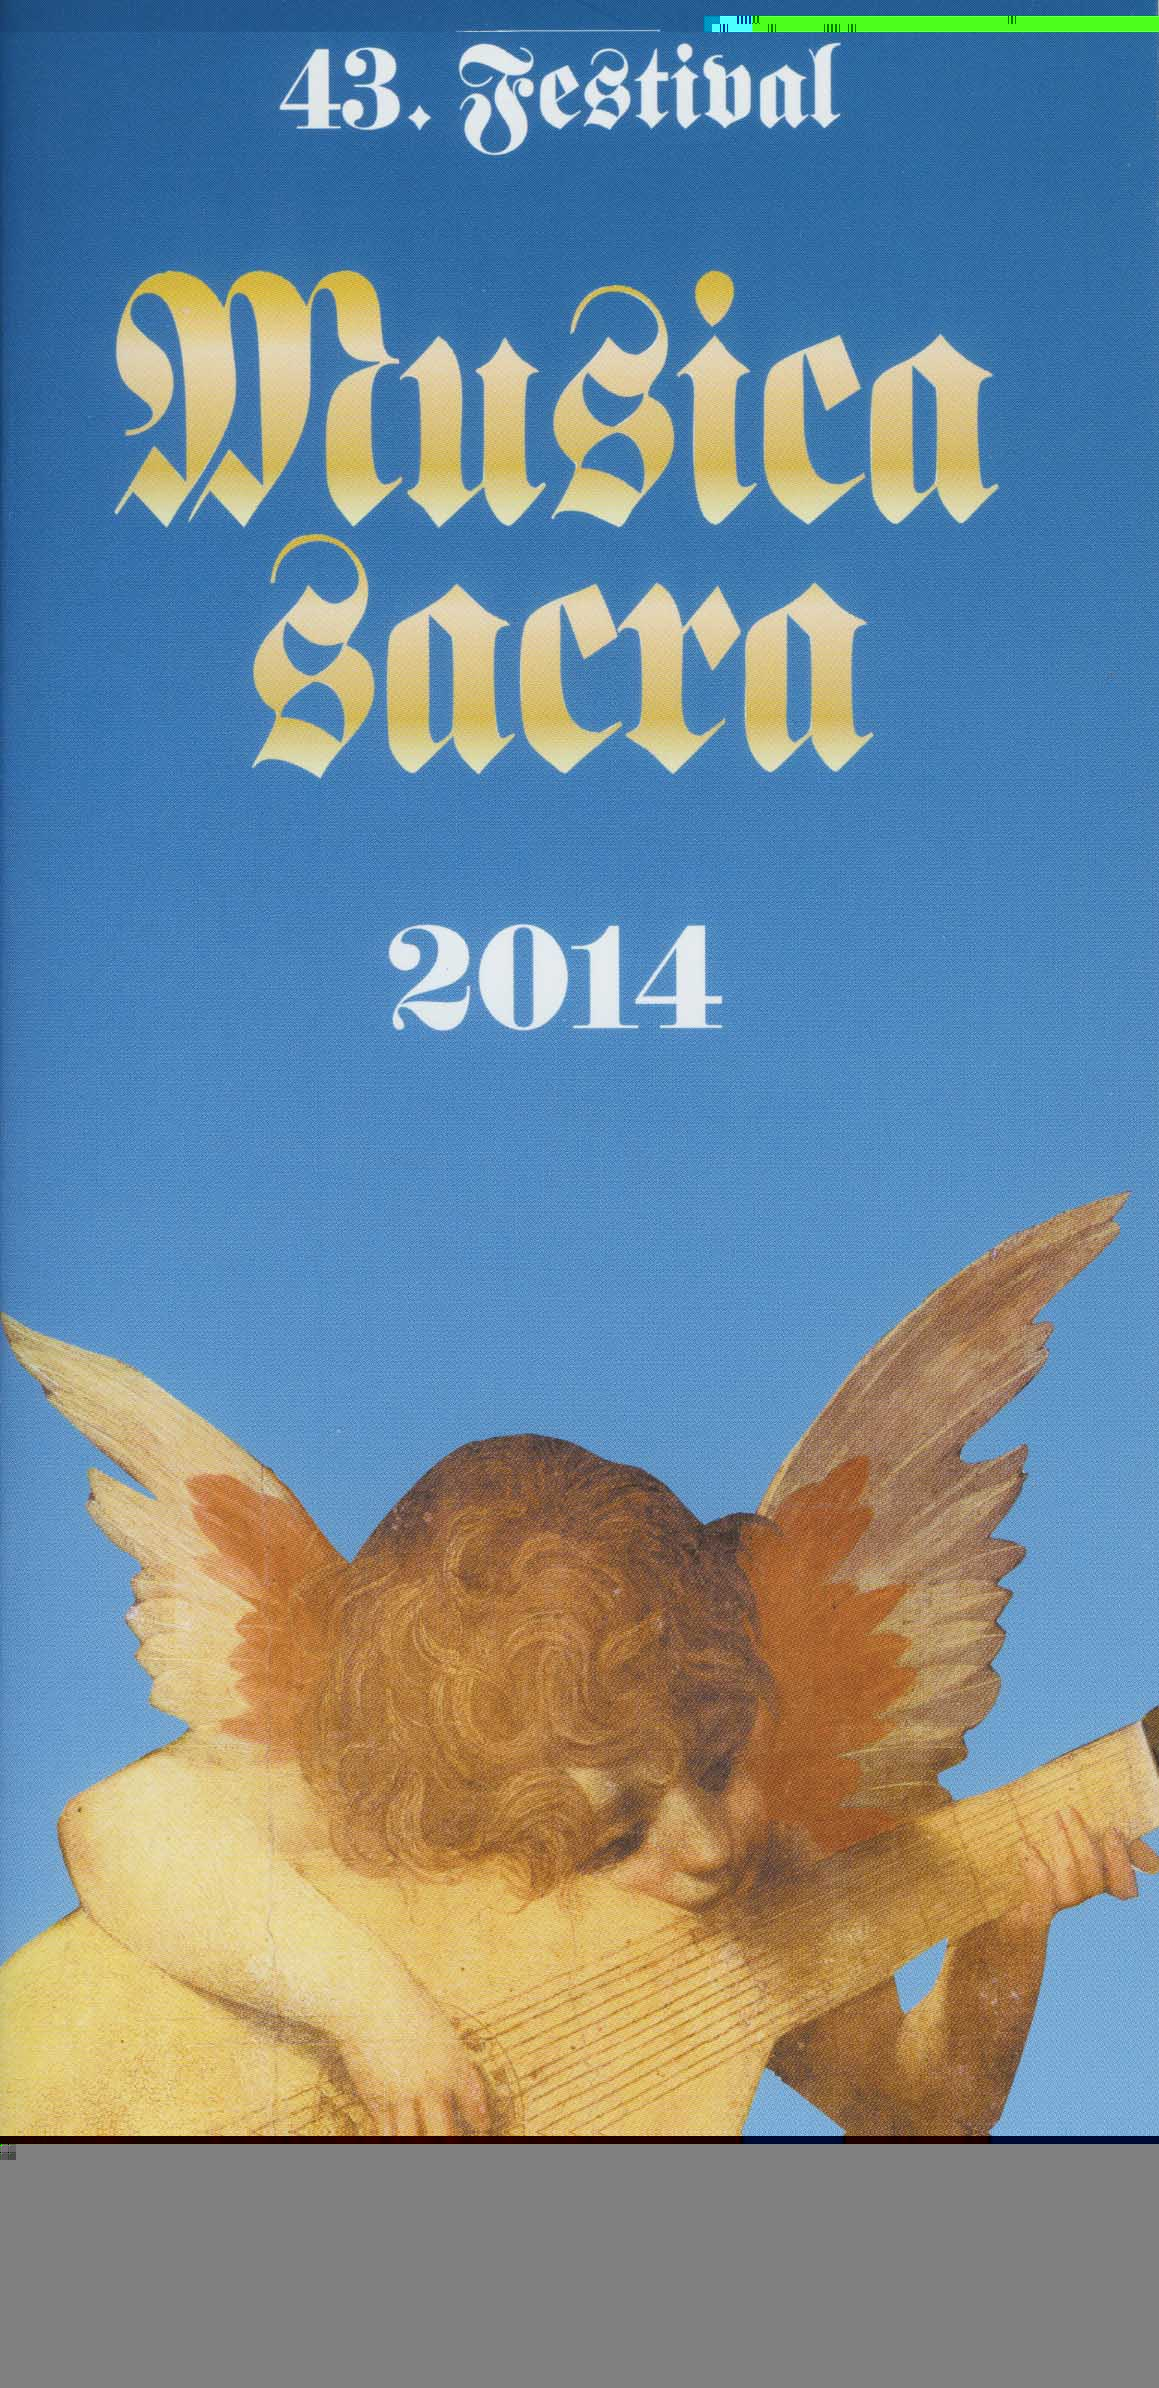 festival musica sacra 2014 1